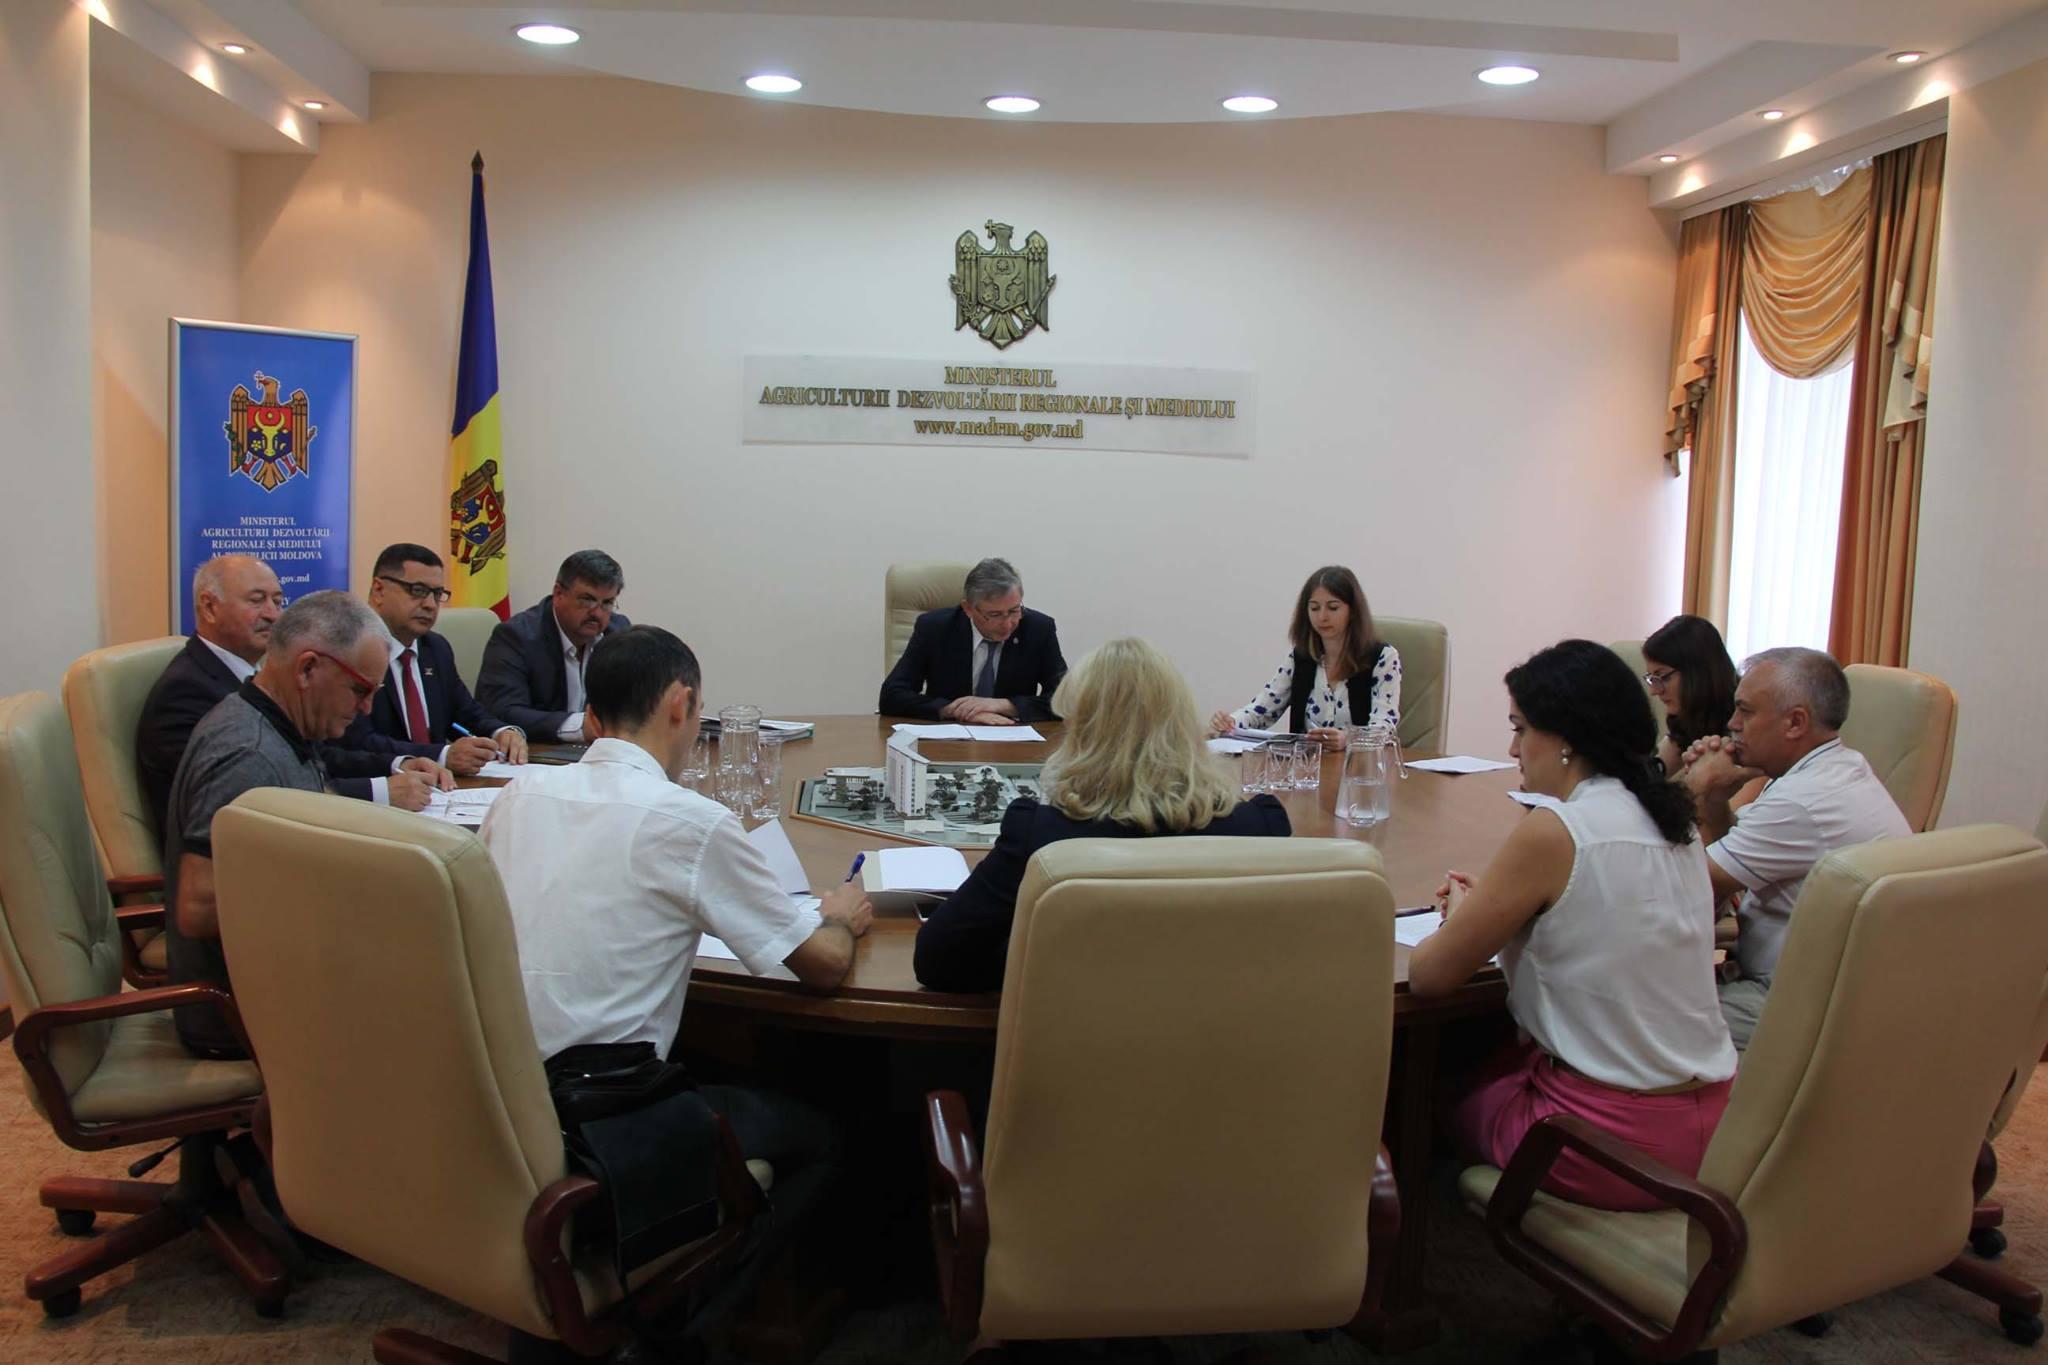 Guvernul Filip va construi locuințe sociale, la Cantemir, Cahul și Cimișlia, pdm, pavel filip, liviu volconovici